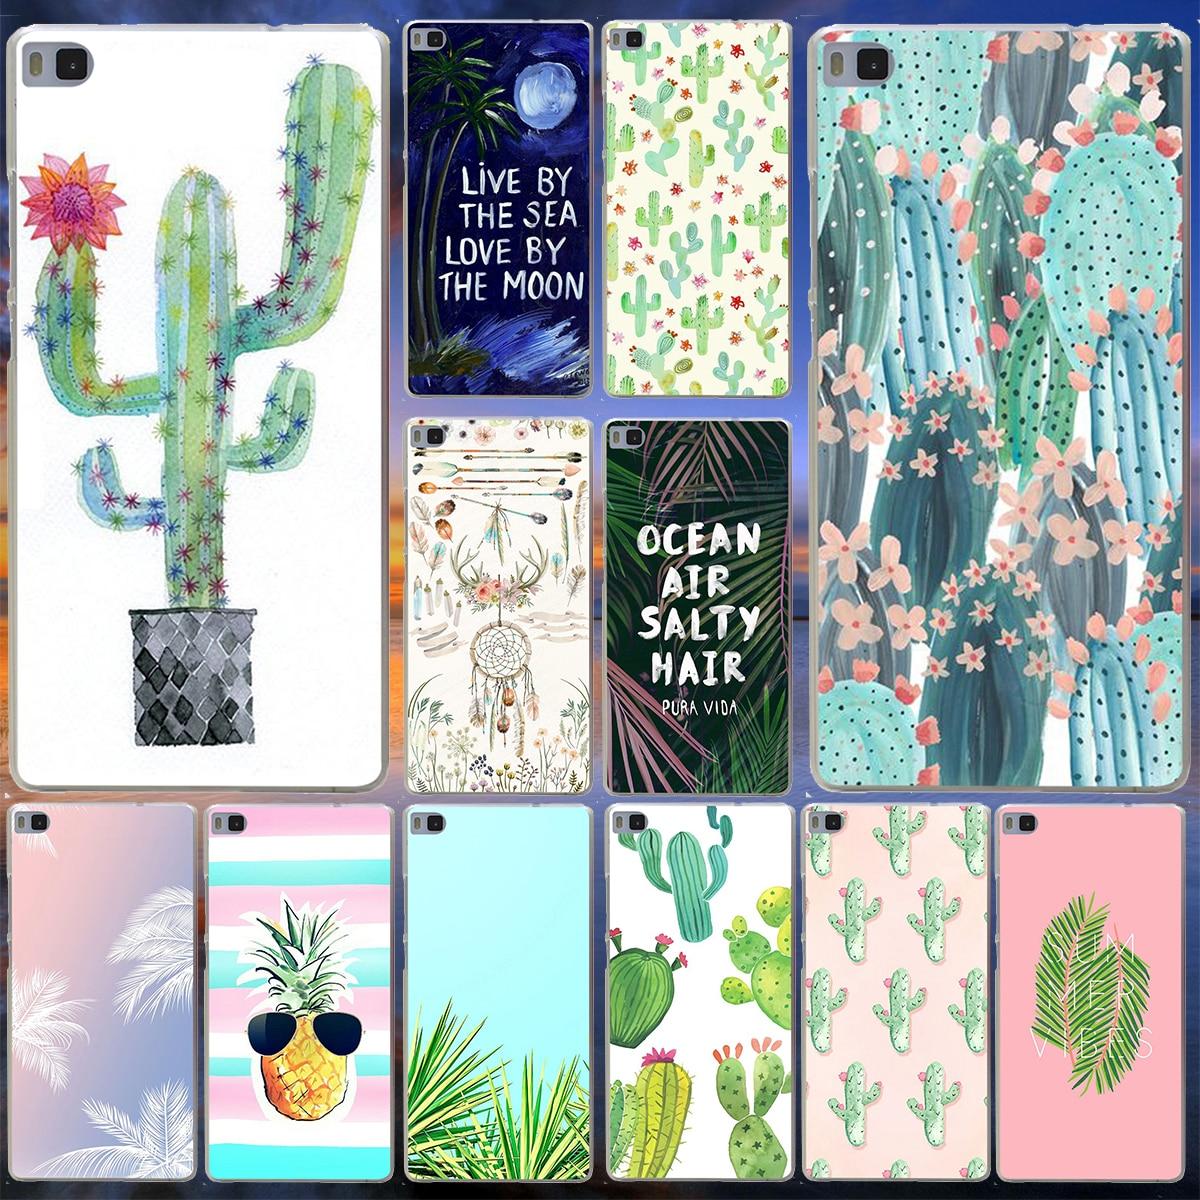 Panda Pour Coque Luxe Cactus Hard Case for Huawei P10 P9 P8 Lite P10 P9 Plus P6 P7 G7 & Honor 6 7 8 Lite 4C 4X